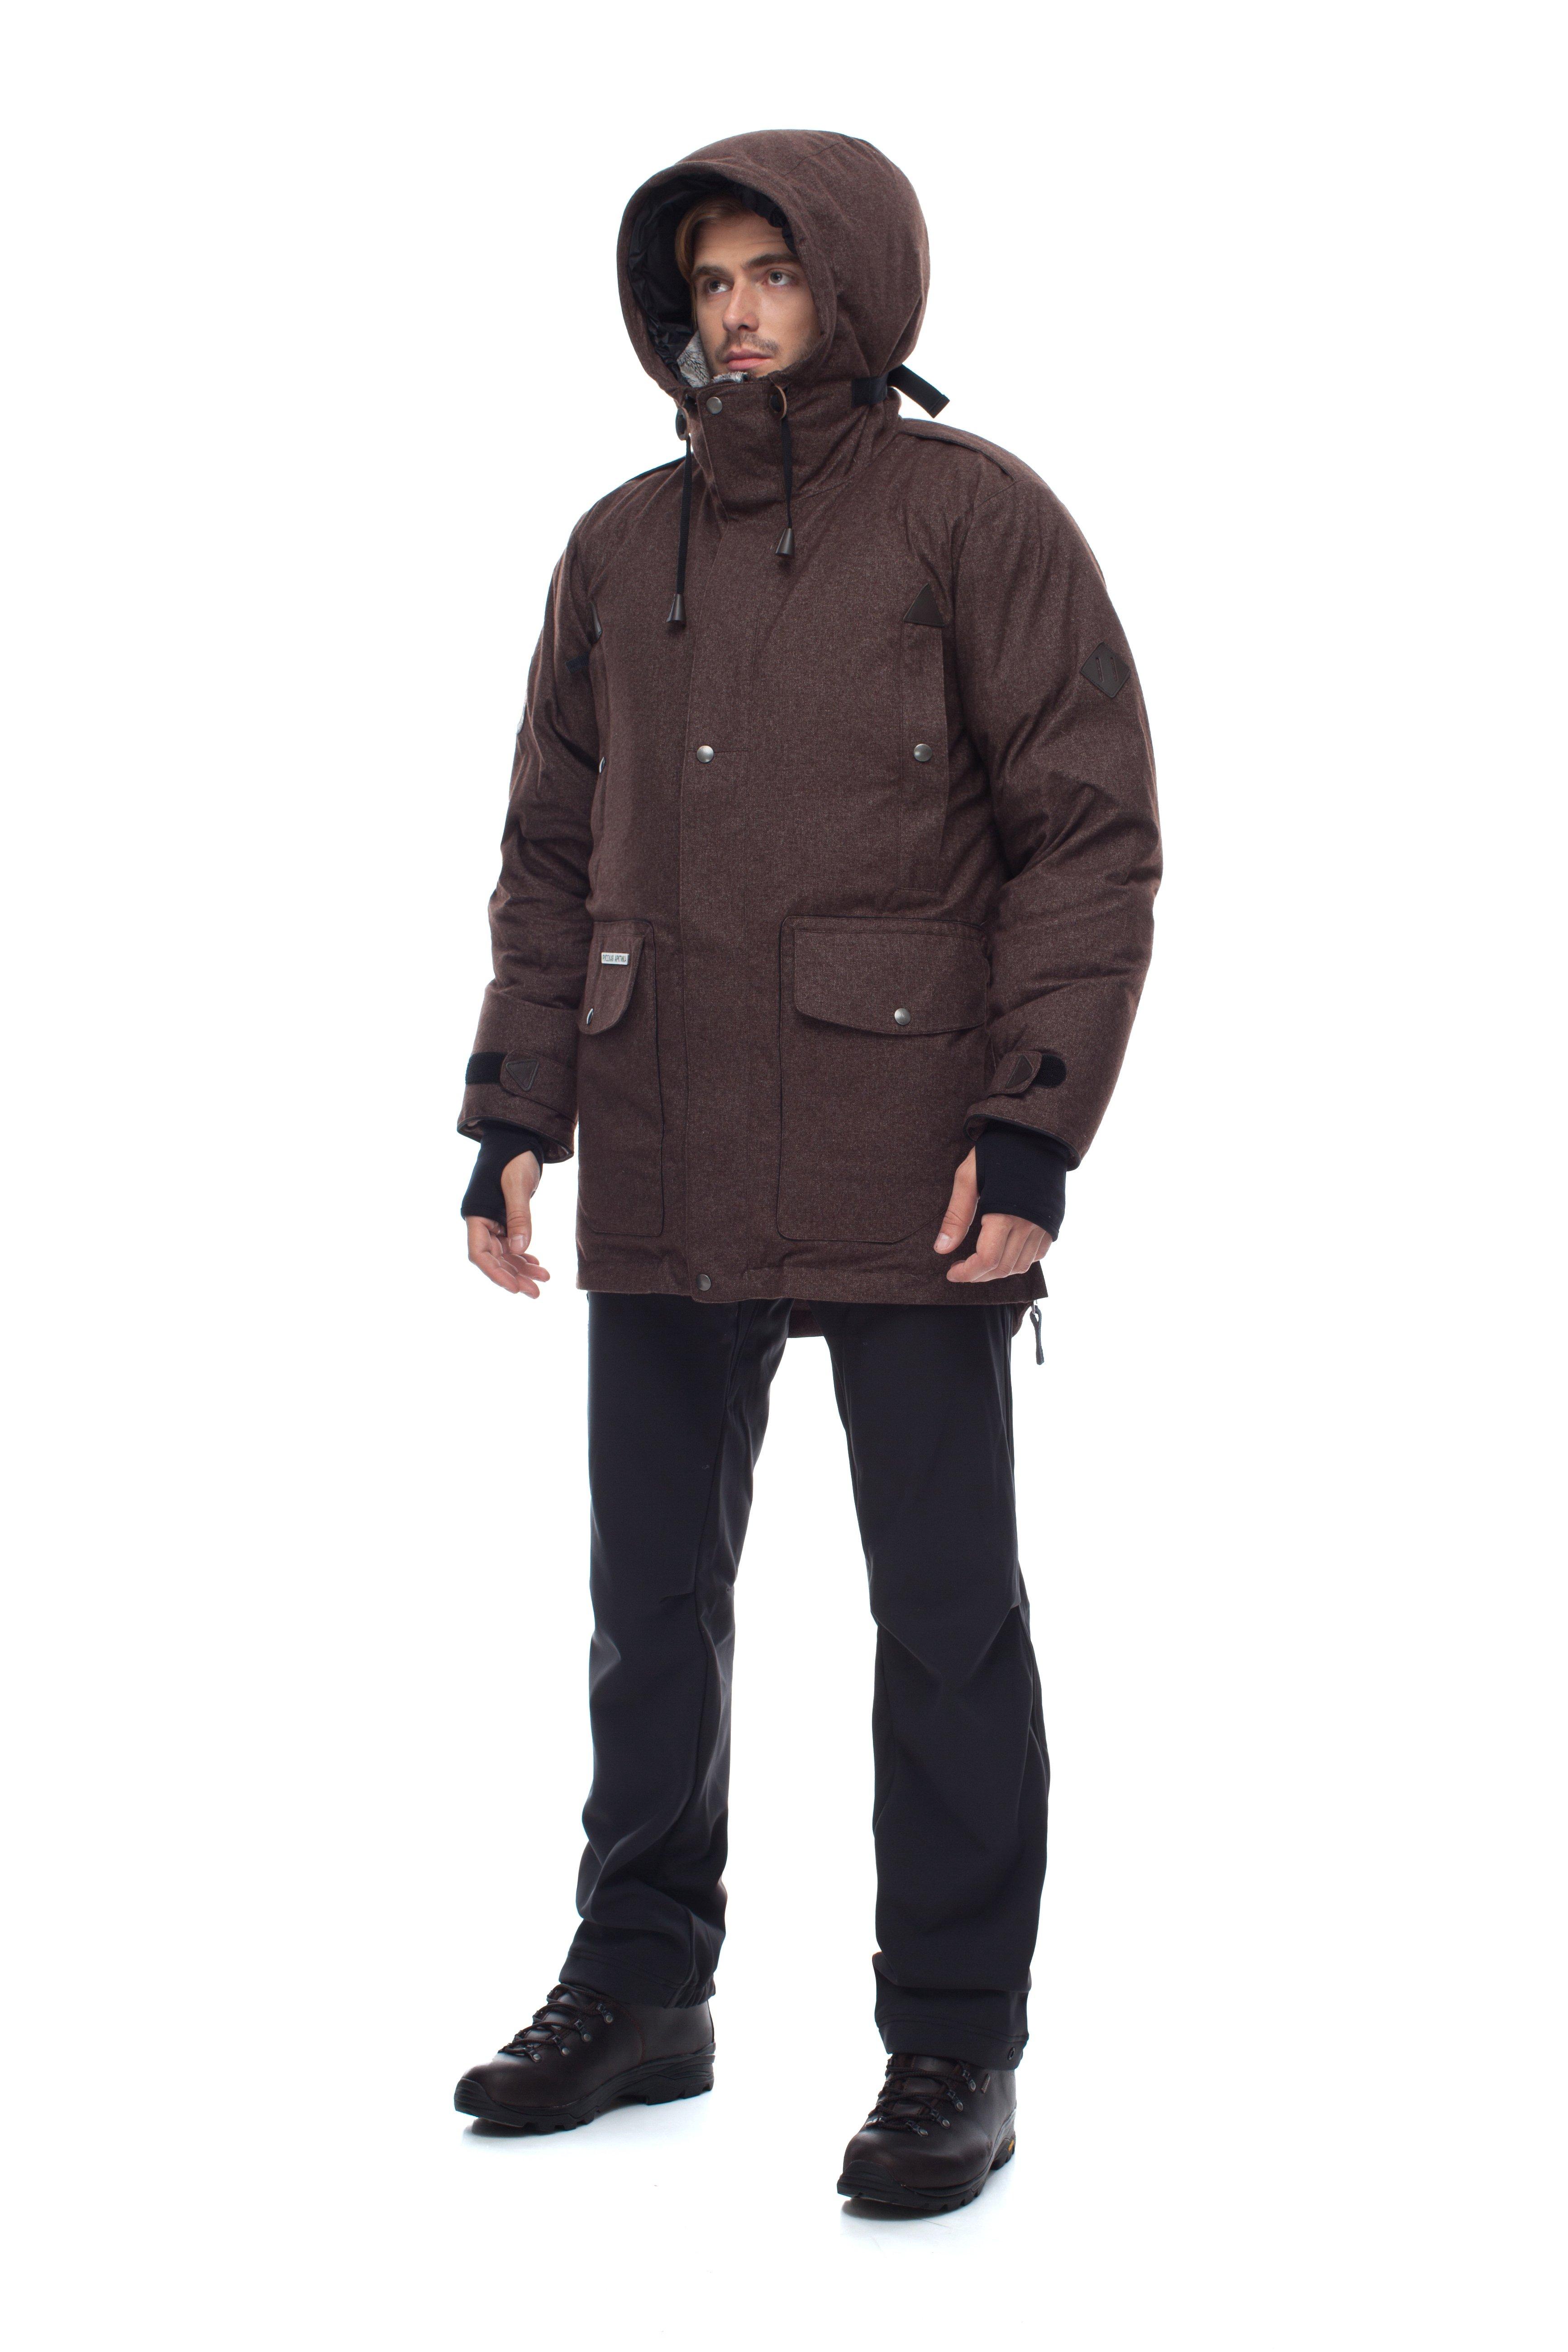 Пуховая куртка BASK PUTORANA SOFT 3774aМужская зимняя пуховая куртка-парка PUTORANA SOFT c мембранной тканью и температурным режимом -35 &amp;deg;С.<br><br>Верхняя ткань: Advance® Alaska Soft Melange<br>Вес граммы: 1920<br>Вес утеплителя: 400<br>Ветро-влагозащитные свойства верхней ткани: Да<br>Ветрозащитная планка: Да<br>Ветрозащитная юбка: Нет<br>Влагозащитные молнии: Нет<br>Внутренние манжеты: Да<br>Внутренняя ткань: Advance® Classic<br>Водонепроницаемость: 10000<br>Дублирующий центральную молнию клапан: Да<br>Защитный козырёк капюшона: Нет<br>Капюшон: Несъемный<br>Карман для средств связи: Нет<br>Количество внешних карманов: 8<br>Количество внутренних карманов: 2<br>Мембрана: да<br>Объемный крой локтевой зоны: Нет<br>Отстёгивающиеся рукава: Нет<br>Паропроницаемость: 5000<br>Показатель Fill Power (для пуховых изделий): 650<br>Пол: Муж.<br>Проклейка швов: Нет<br>Регулировка манжетов рукавов: Да<br>Регулировка низа: Нет<br>Регулировка объёма капюшона: Да<br>Регулировка талии: Да<br>Регулируемые вентиляционные отверстия: Нет<br>Световозвращающая лента: Нет<br>Температурный режим: -35<br>Технология Thermal Welding: Нет<br>Технология швов: простые<br>Тип молнии: двухзамковая<br>Ткань усиления: нет<br>Усиление контактных зон: Нет<br>Утеплитель: гусиный пух<br>Размер RU: 48<br>Цвет: ЧЕРНЫЙ